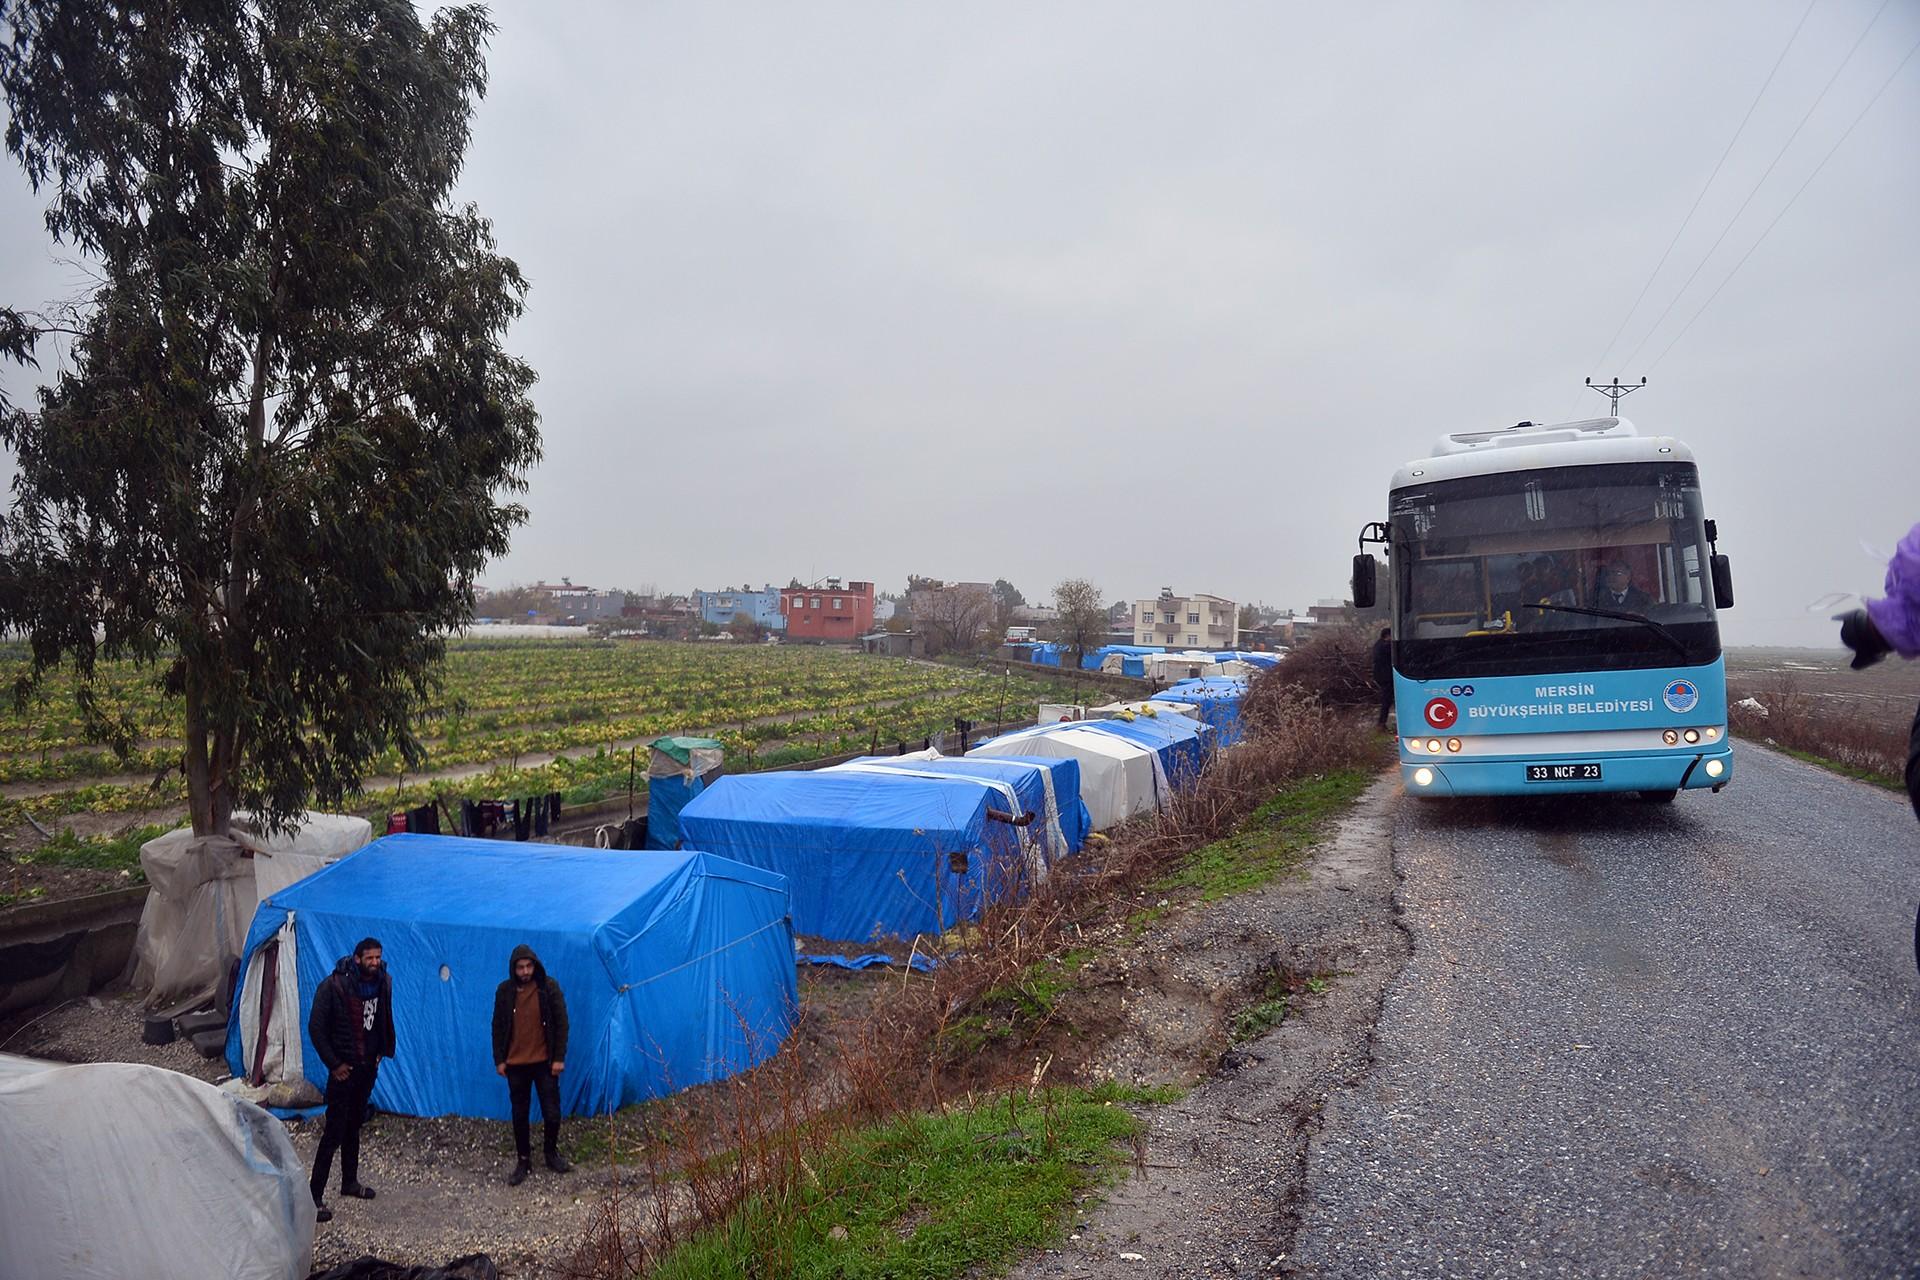 Mersin'de çadırda kalan tarım işileri